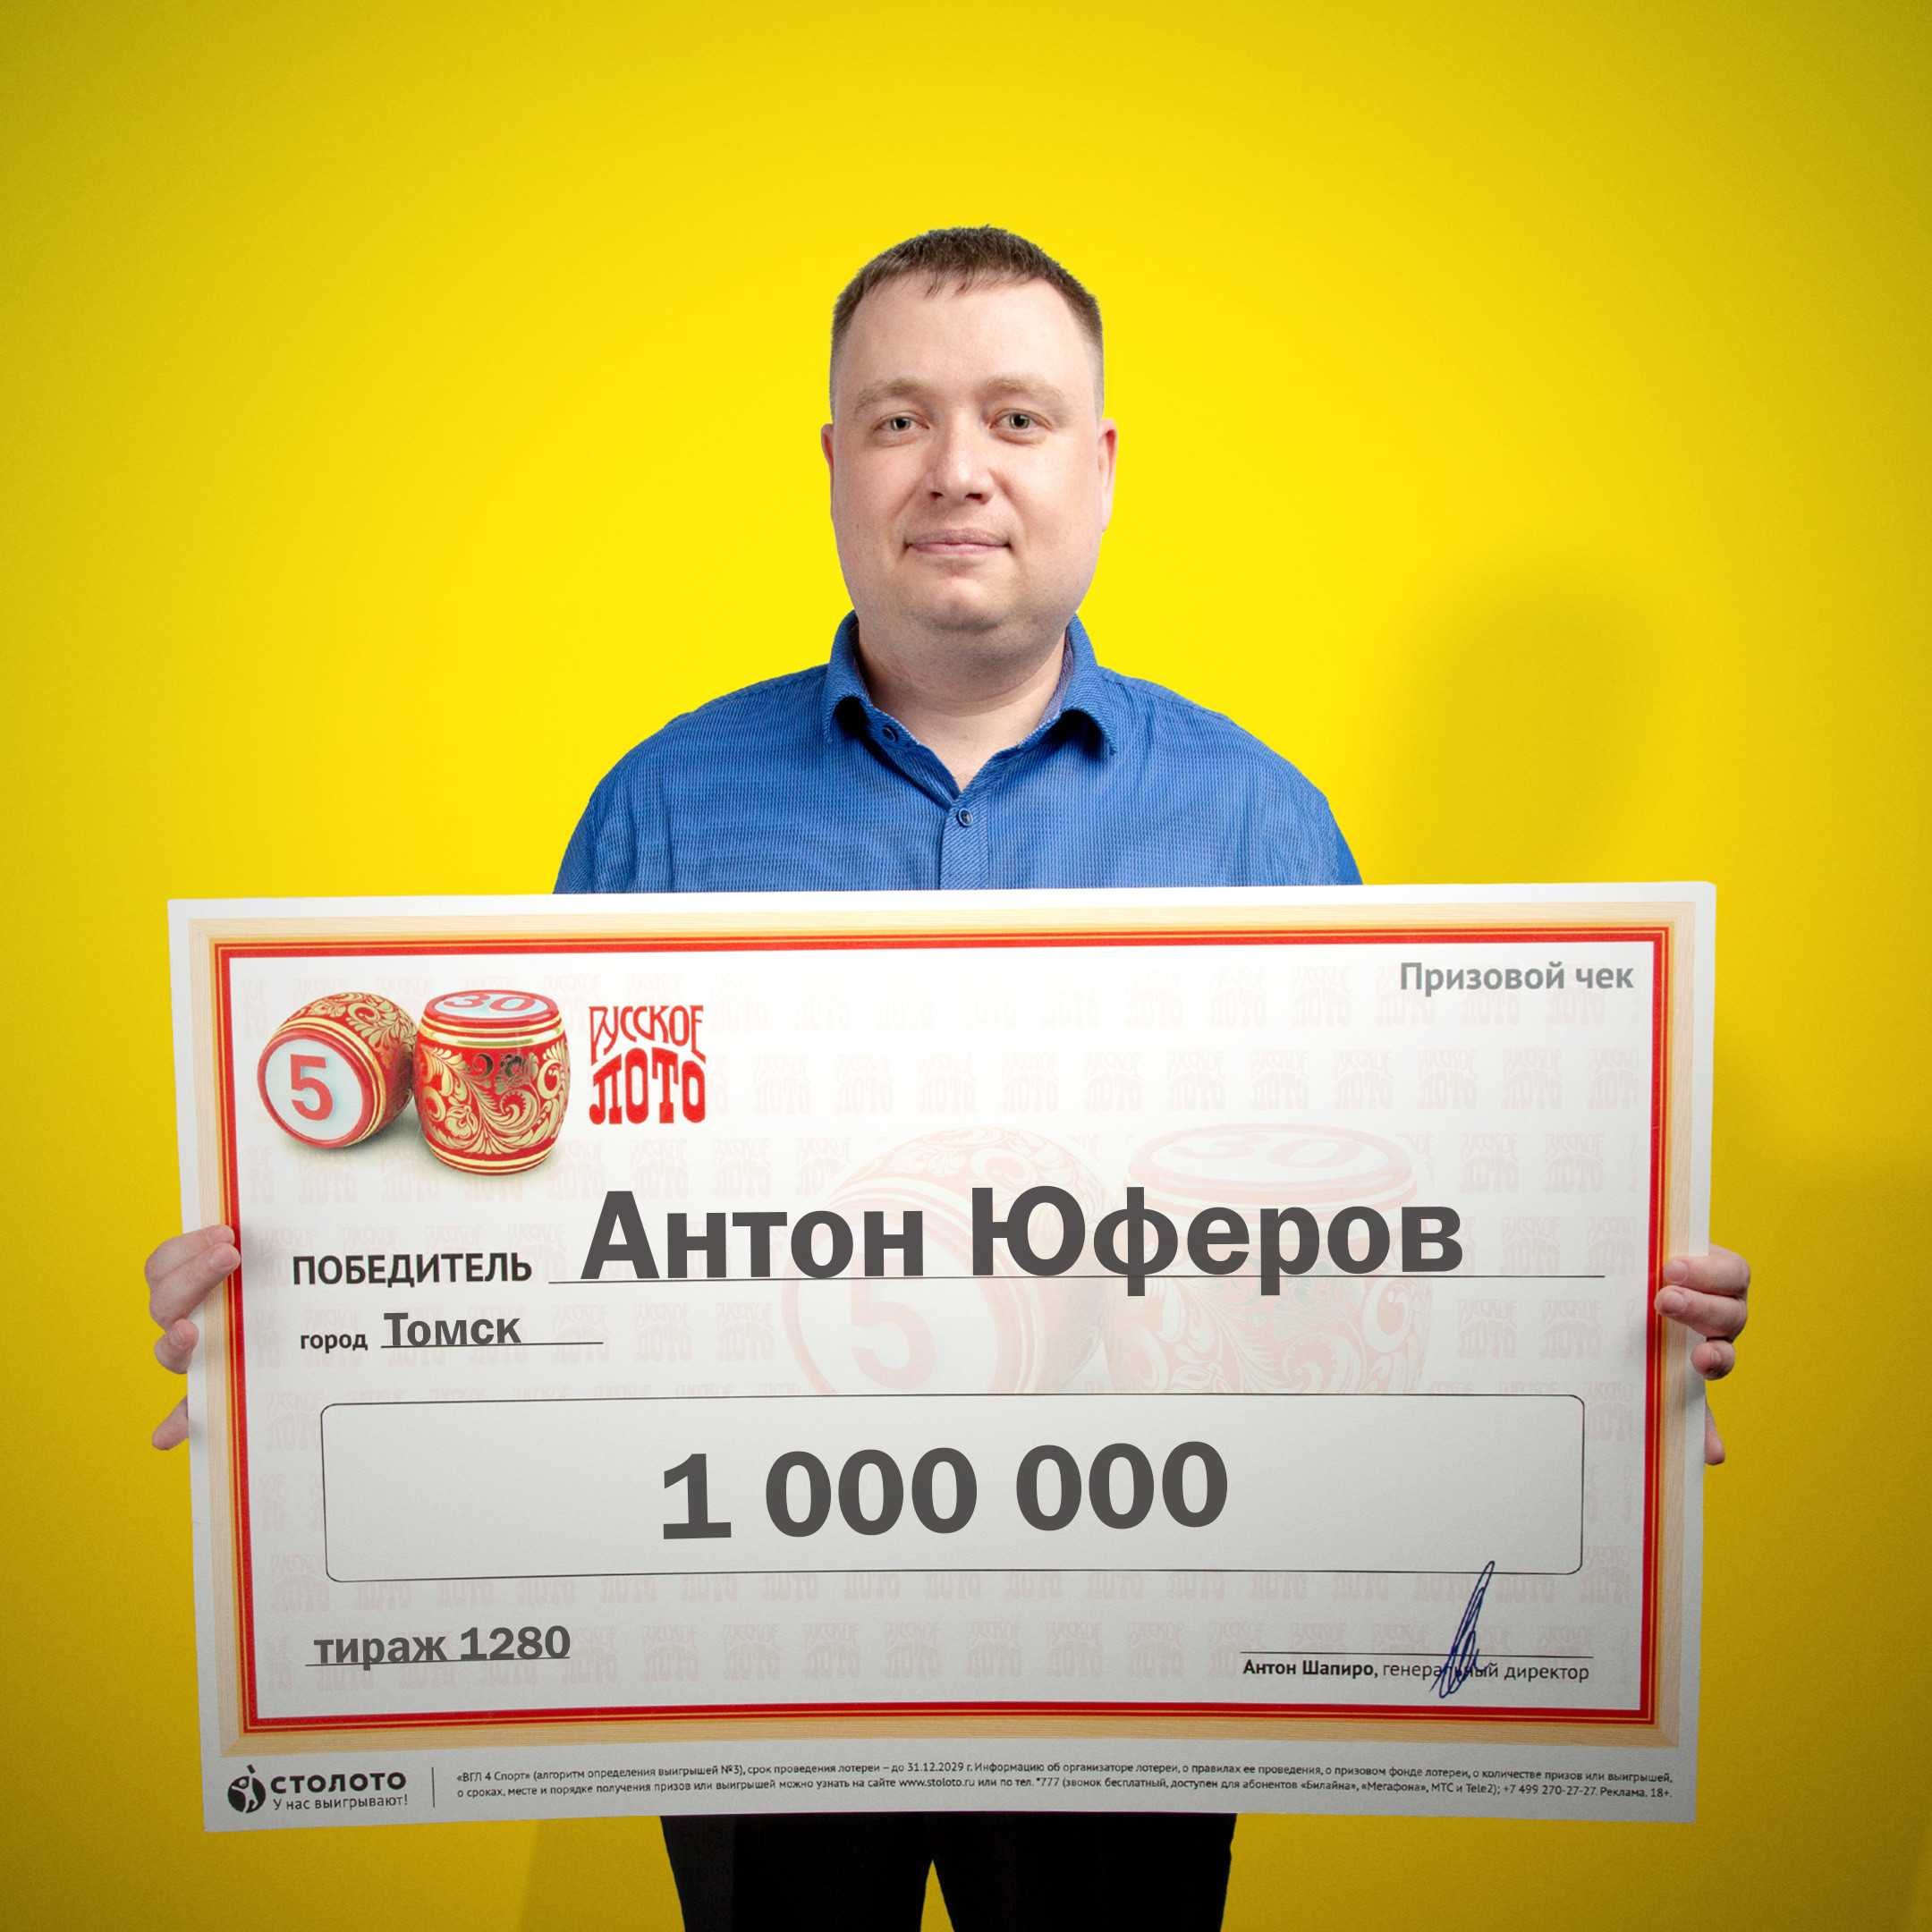 Как выиграть в лотерею— 5 рабочих методов + примеры самых крупных выигрышей в истории